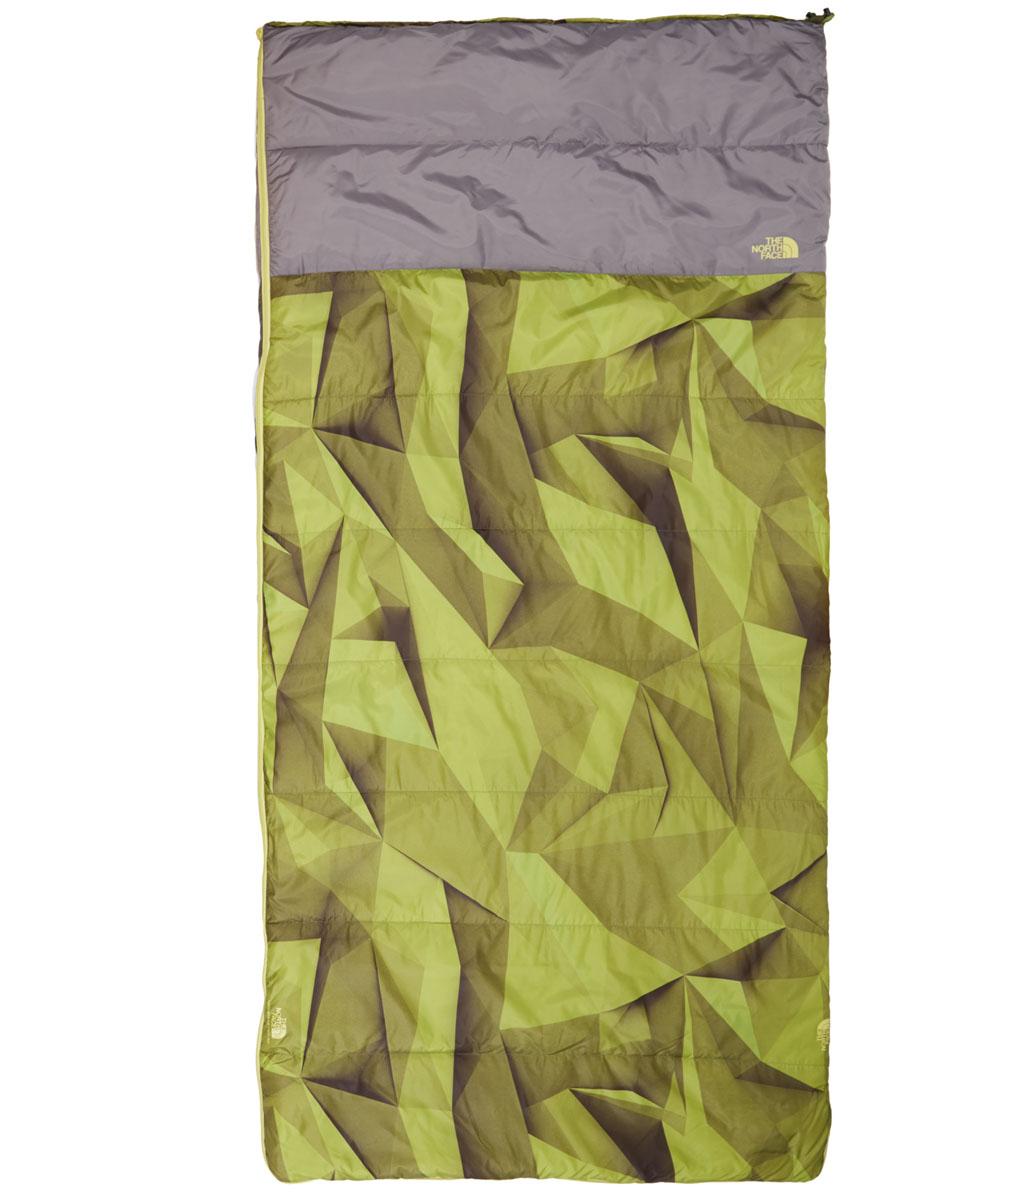 Спальный мешок The North Face Homestead Twin 40/4, цвет: зеленый. T0CJ2YHAPRH REGT0CJ2YHAPRH REGВершина кемпингового комфорта и стиля - огромный синтетический спальный мешок размером со стандартный двойной коврик. Вполне вероятно, Homestead Twin - самый большой одиночный спальный мешок на рынке, но таким, конечно, не жалко и поделиться.